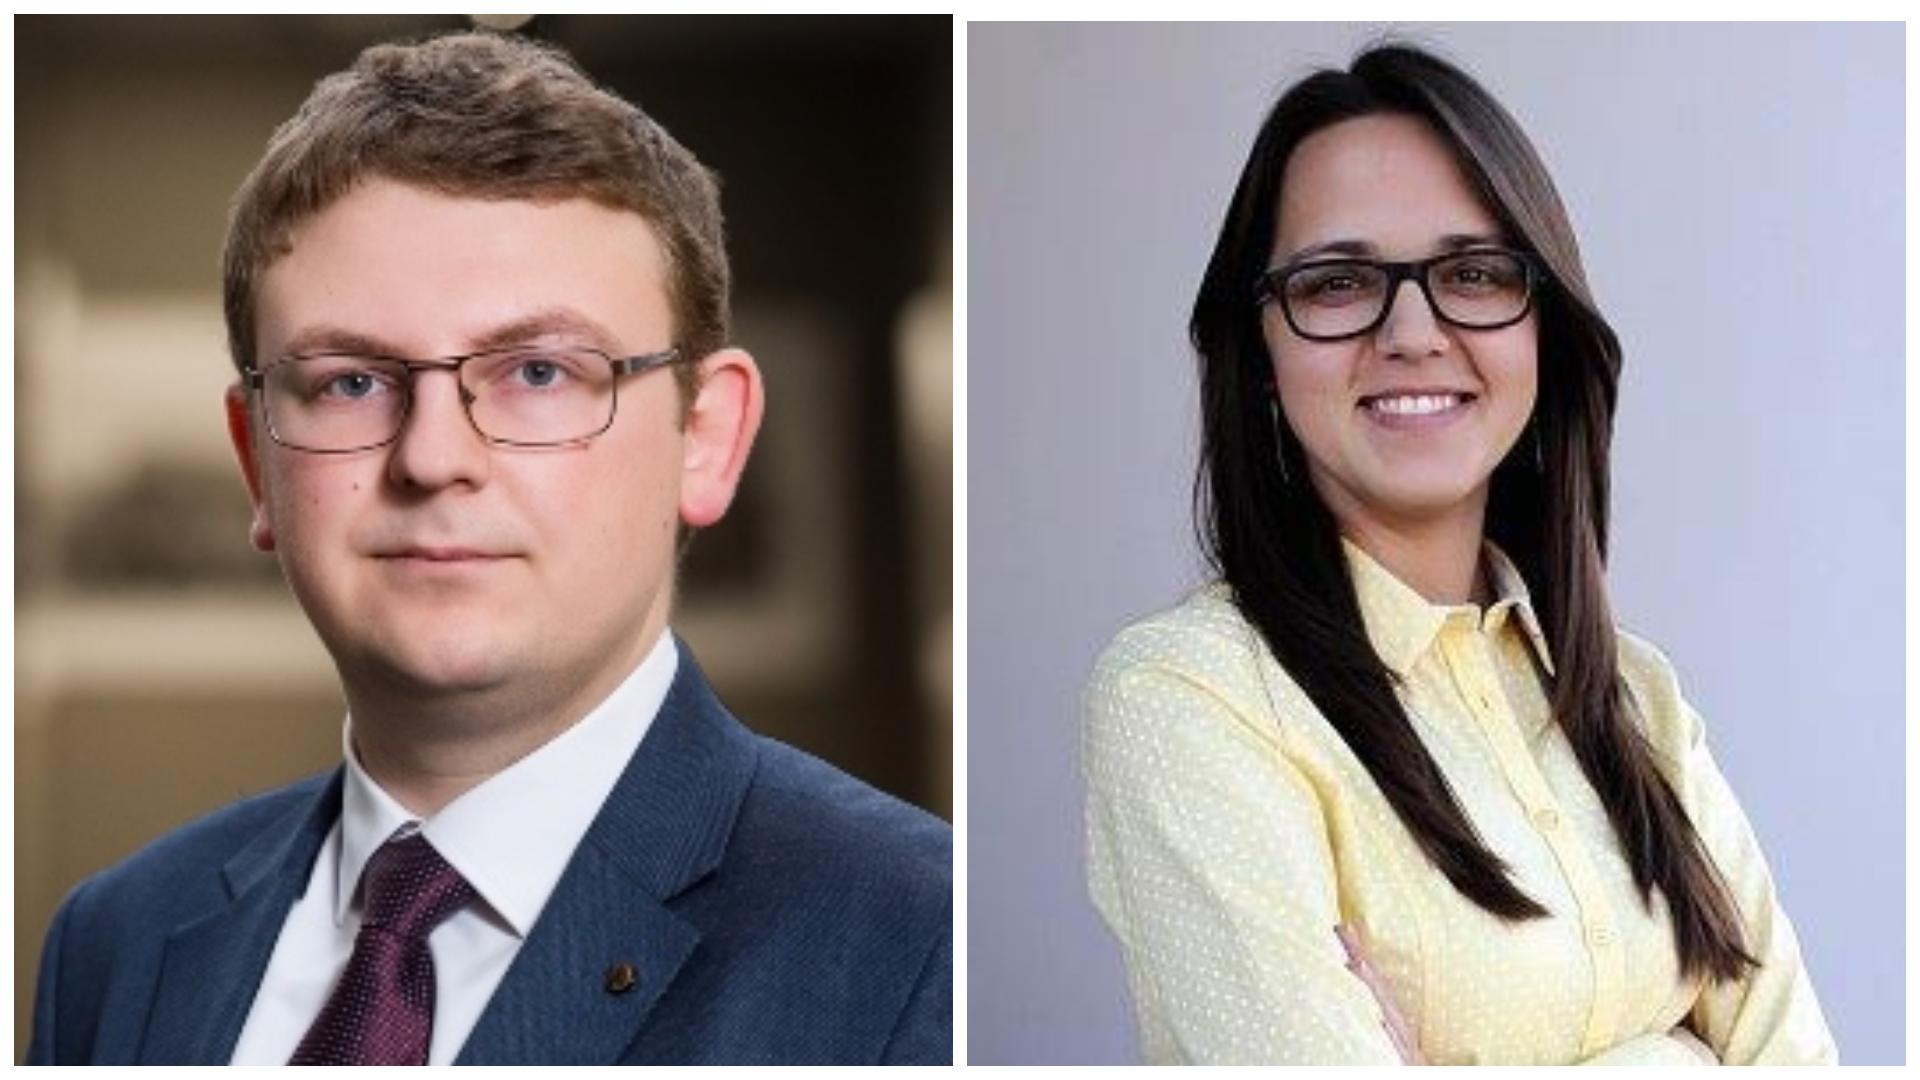 Авторы статьи — Ярослав Чекер, советник, адвокат и Анна Демченко, младший юрист компании Arzinger